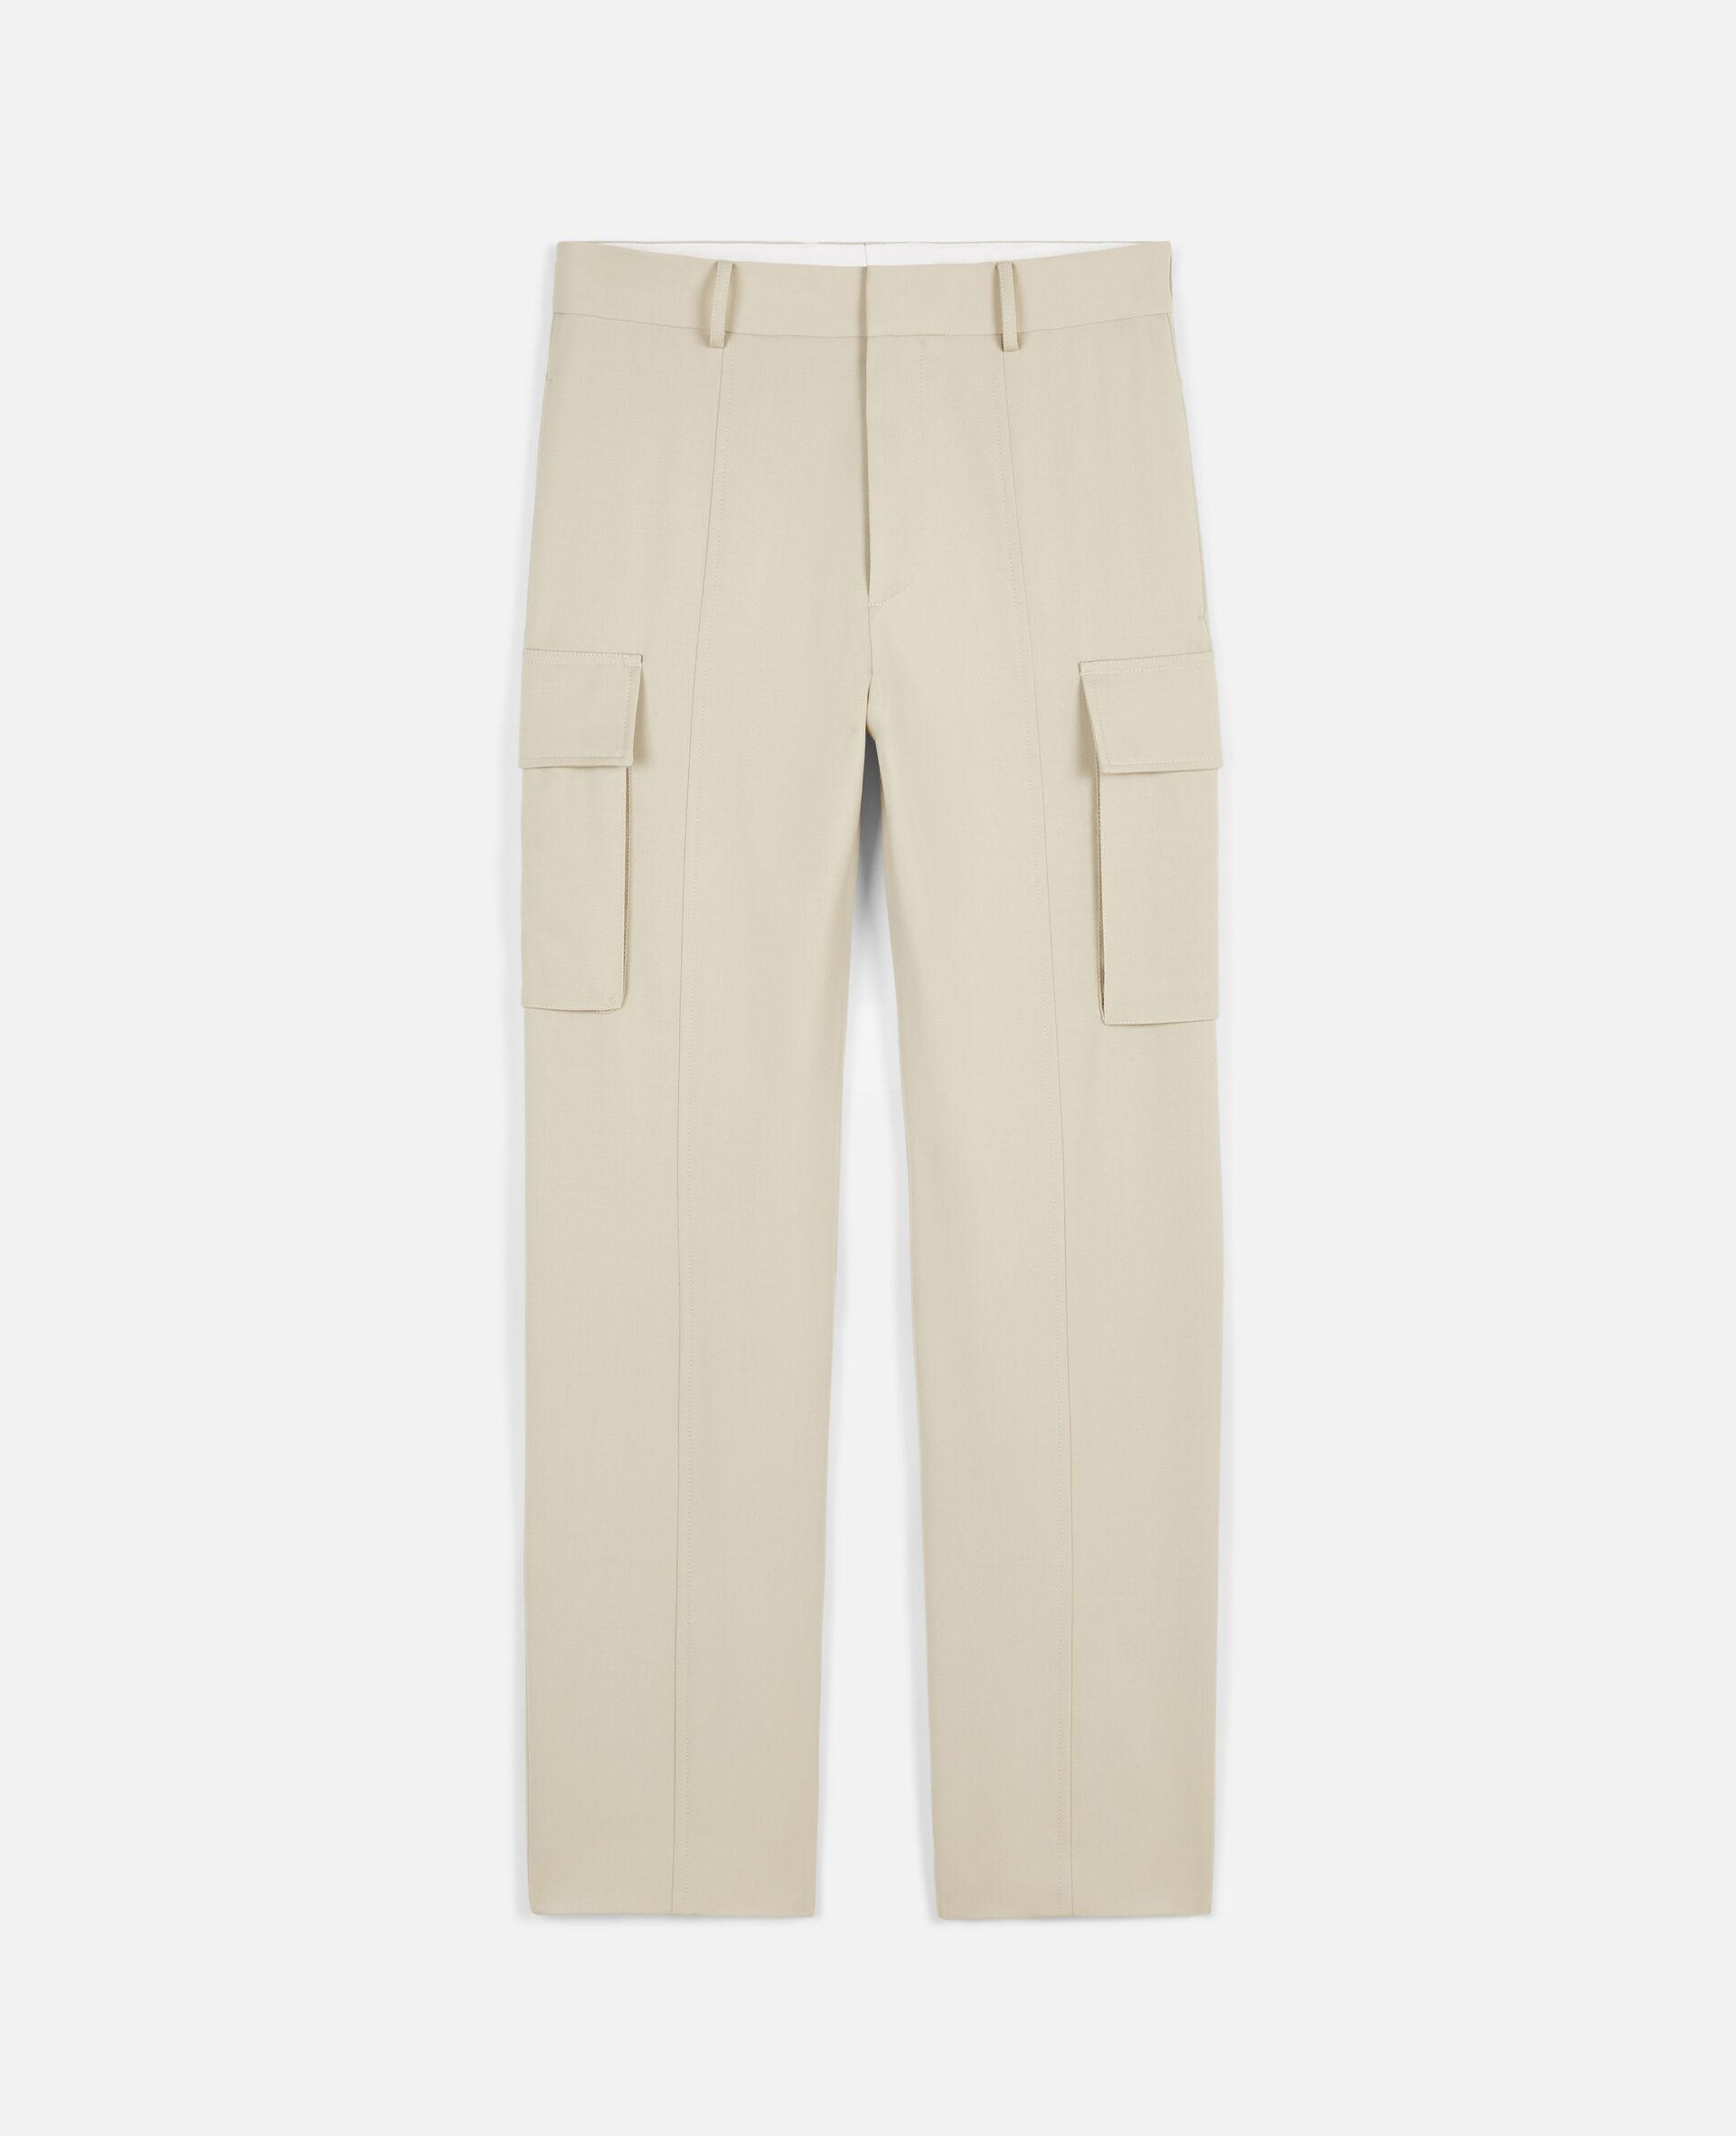 Hosen in heller Sandfarbe-Beige-large image number 0